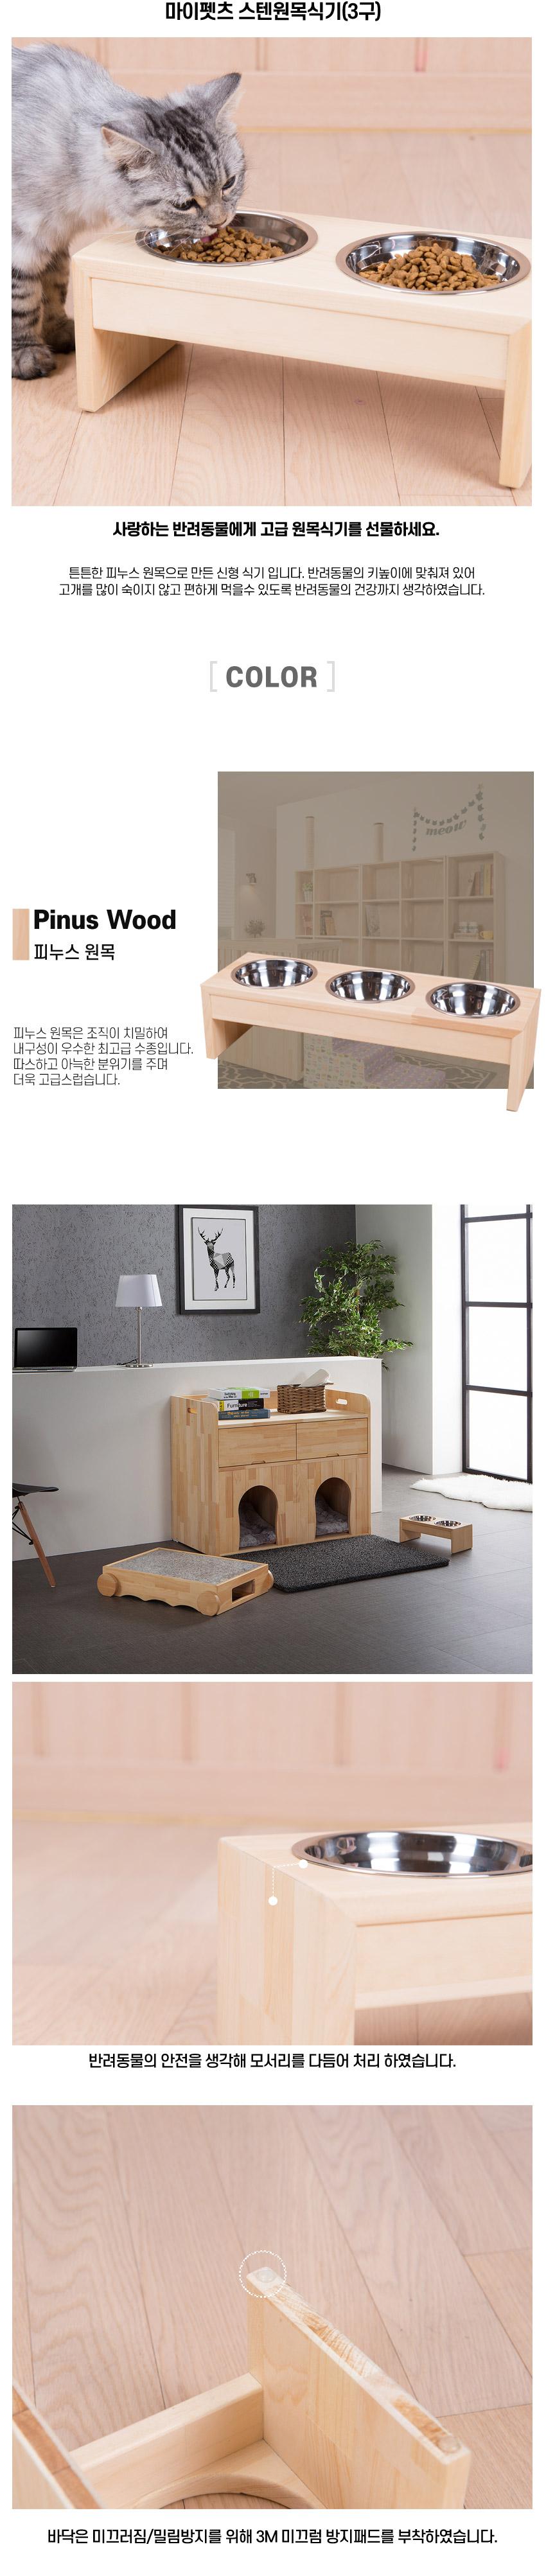 마이펫츠 스텐원목식기(3구) - 히트디자인, 34,500원, 식기/실내용품, 급식기